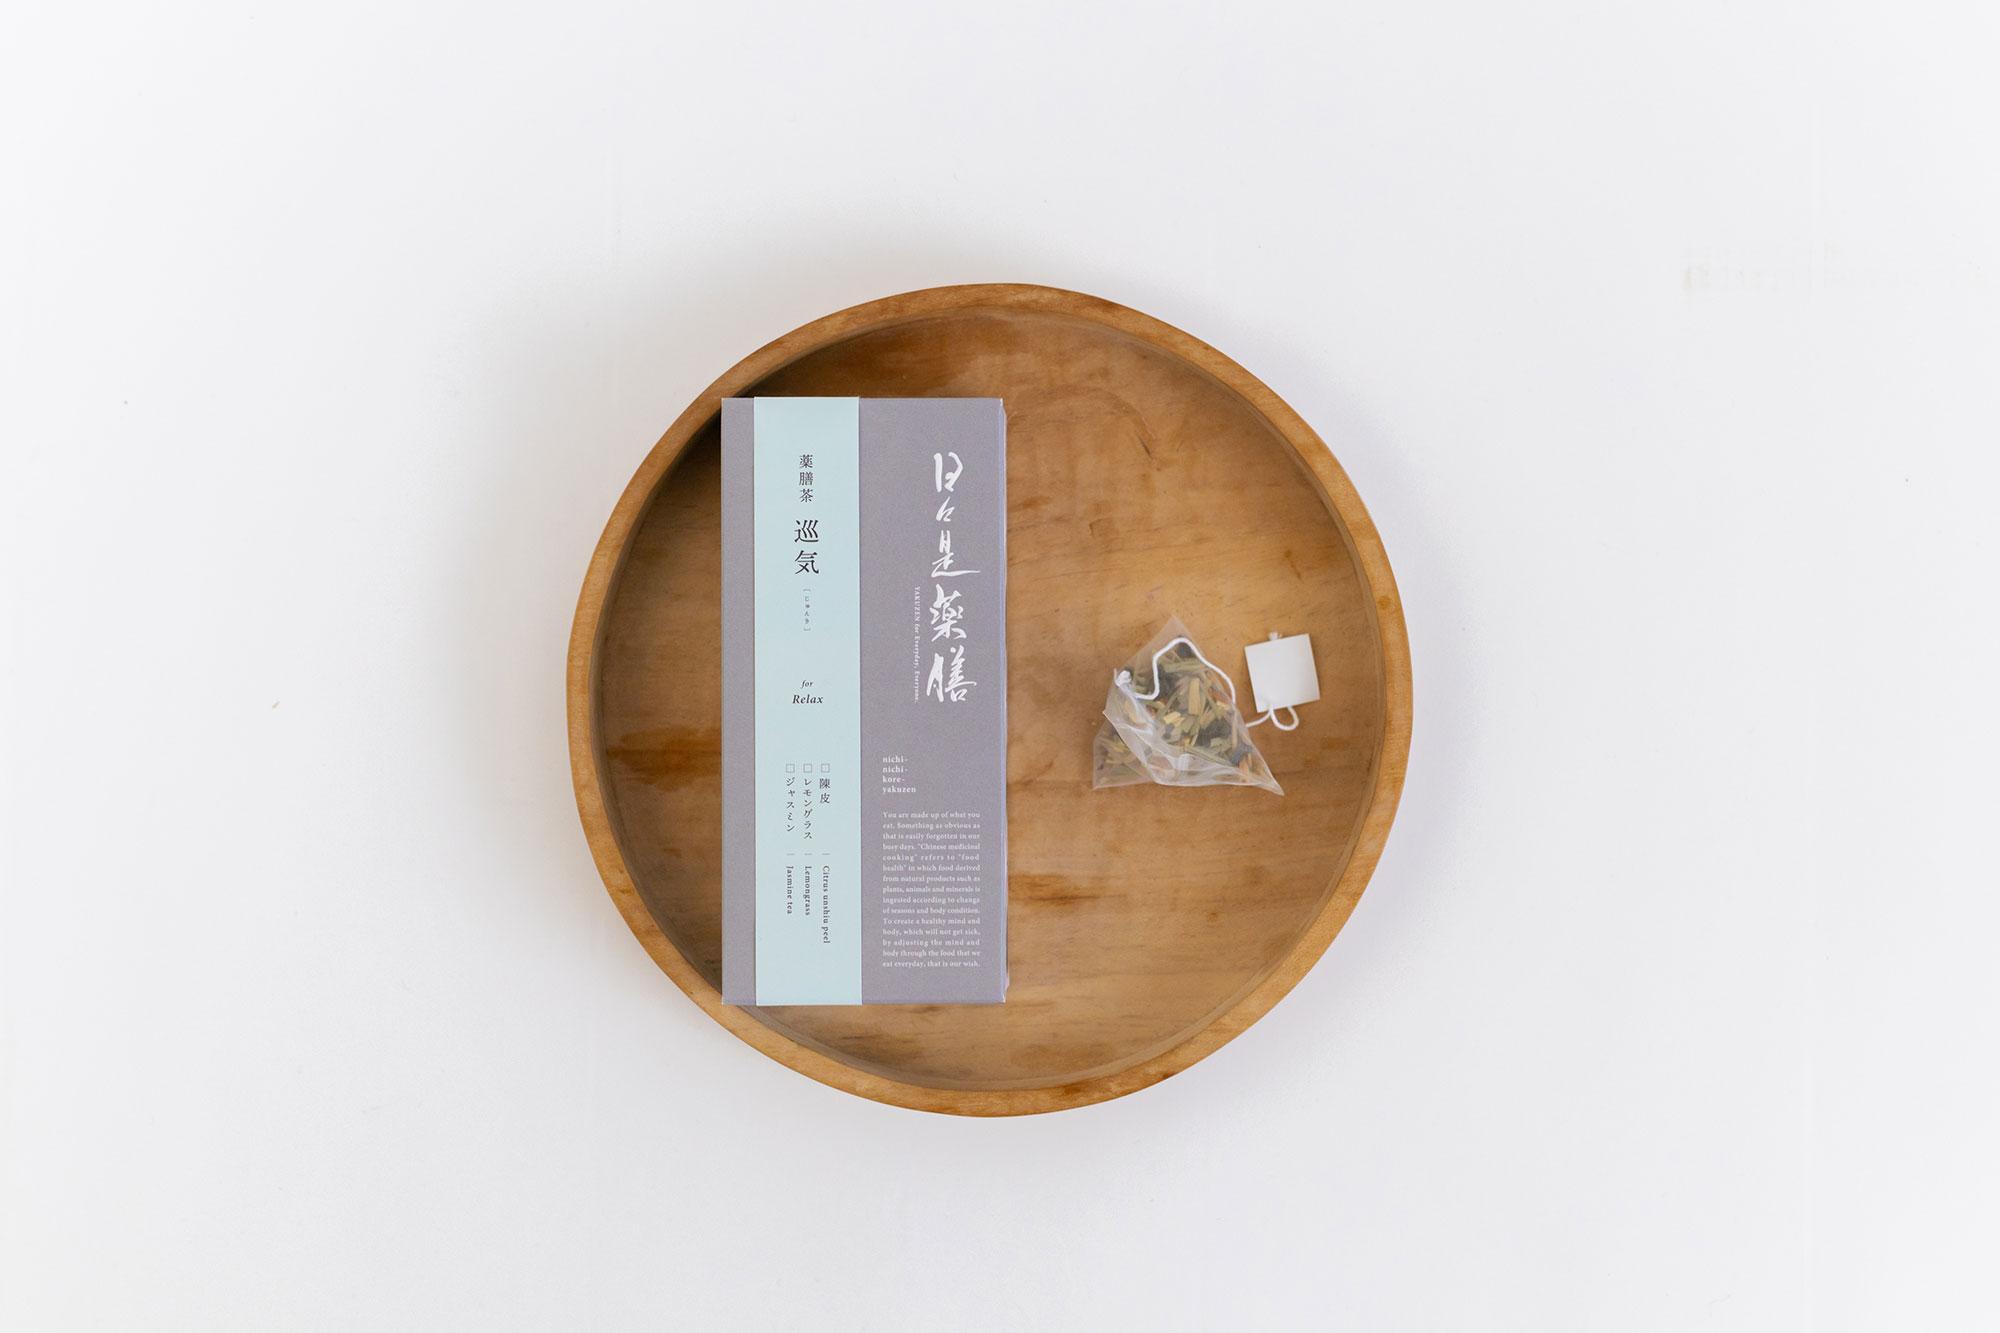 日々是薬膳 薬膳茶 巡気[じゅんき]for Relax ティーバッグBOX